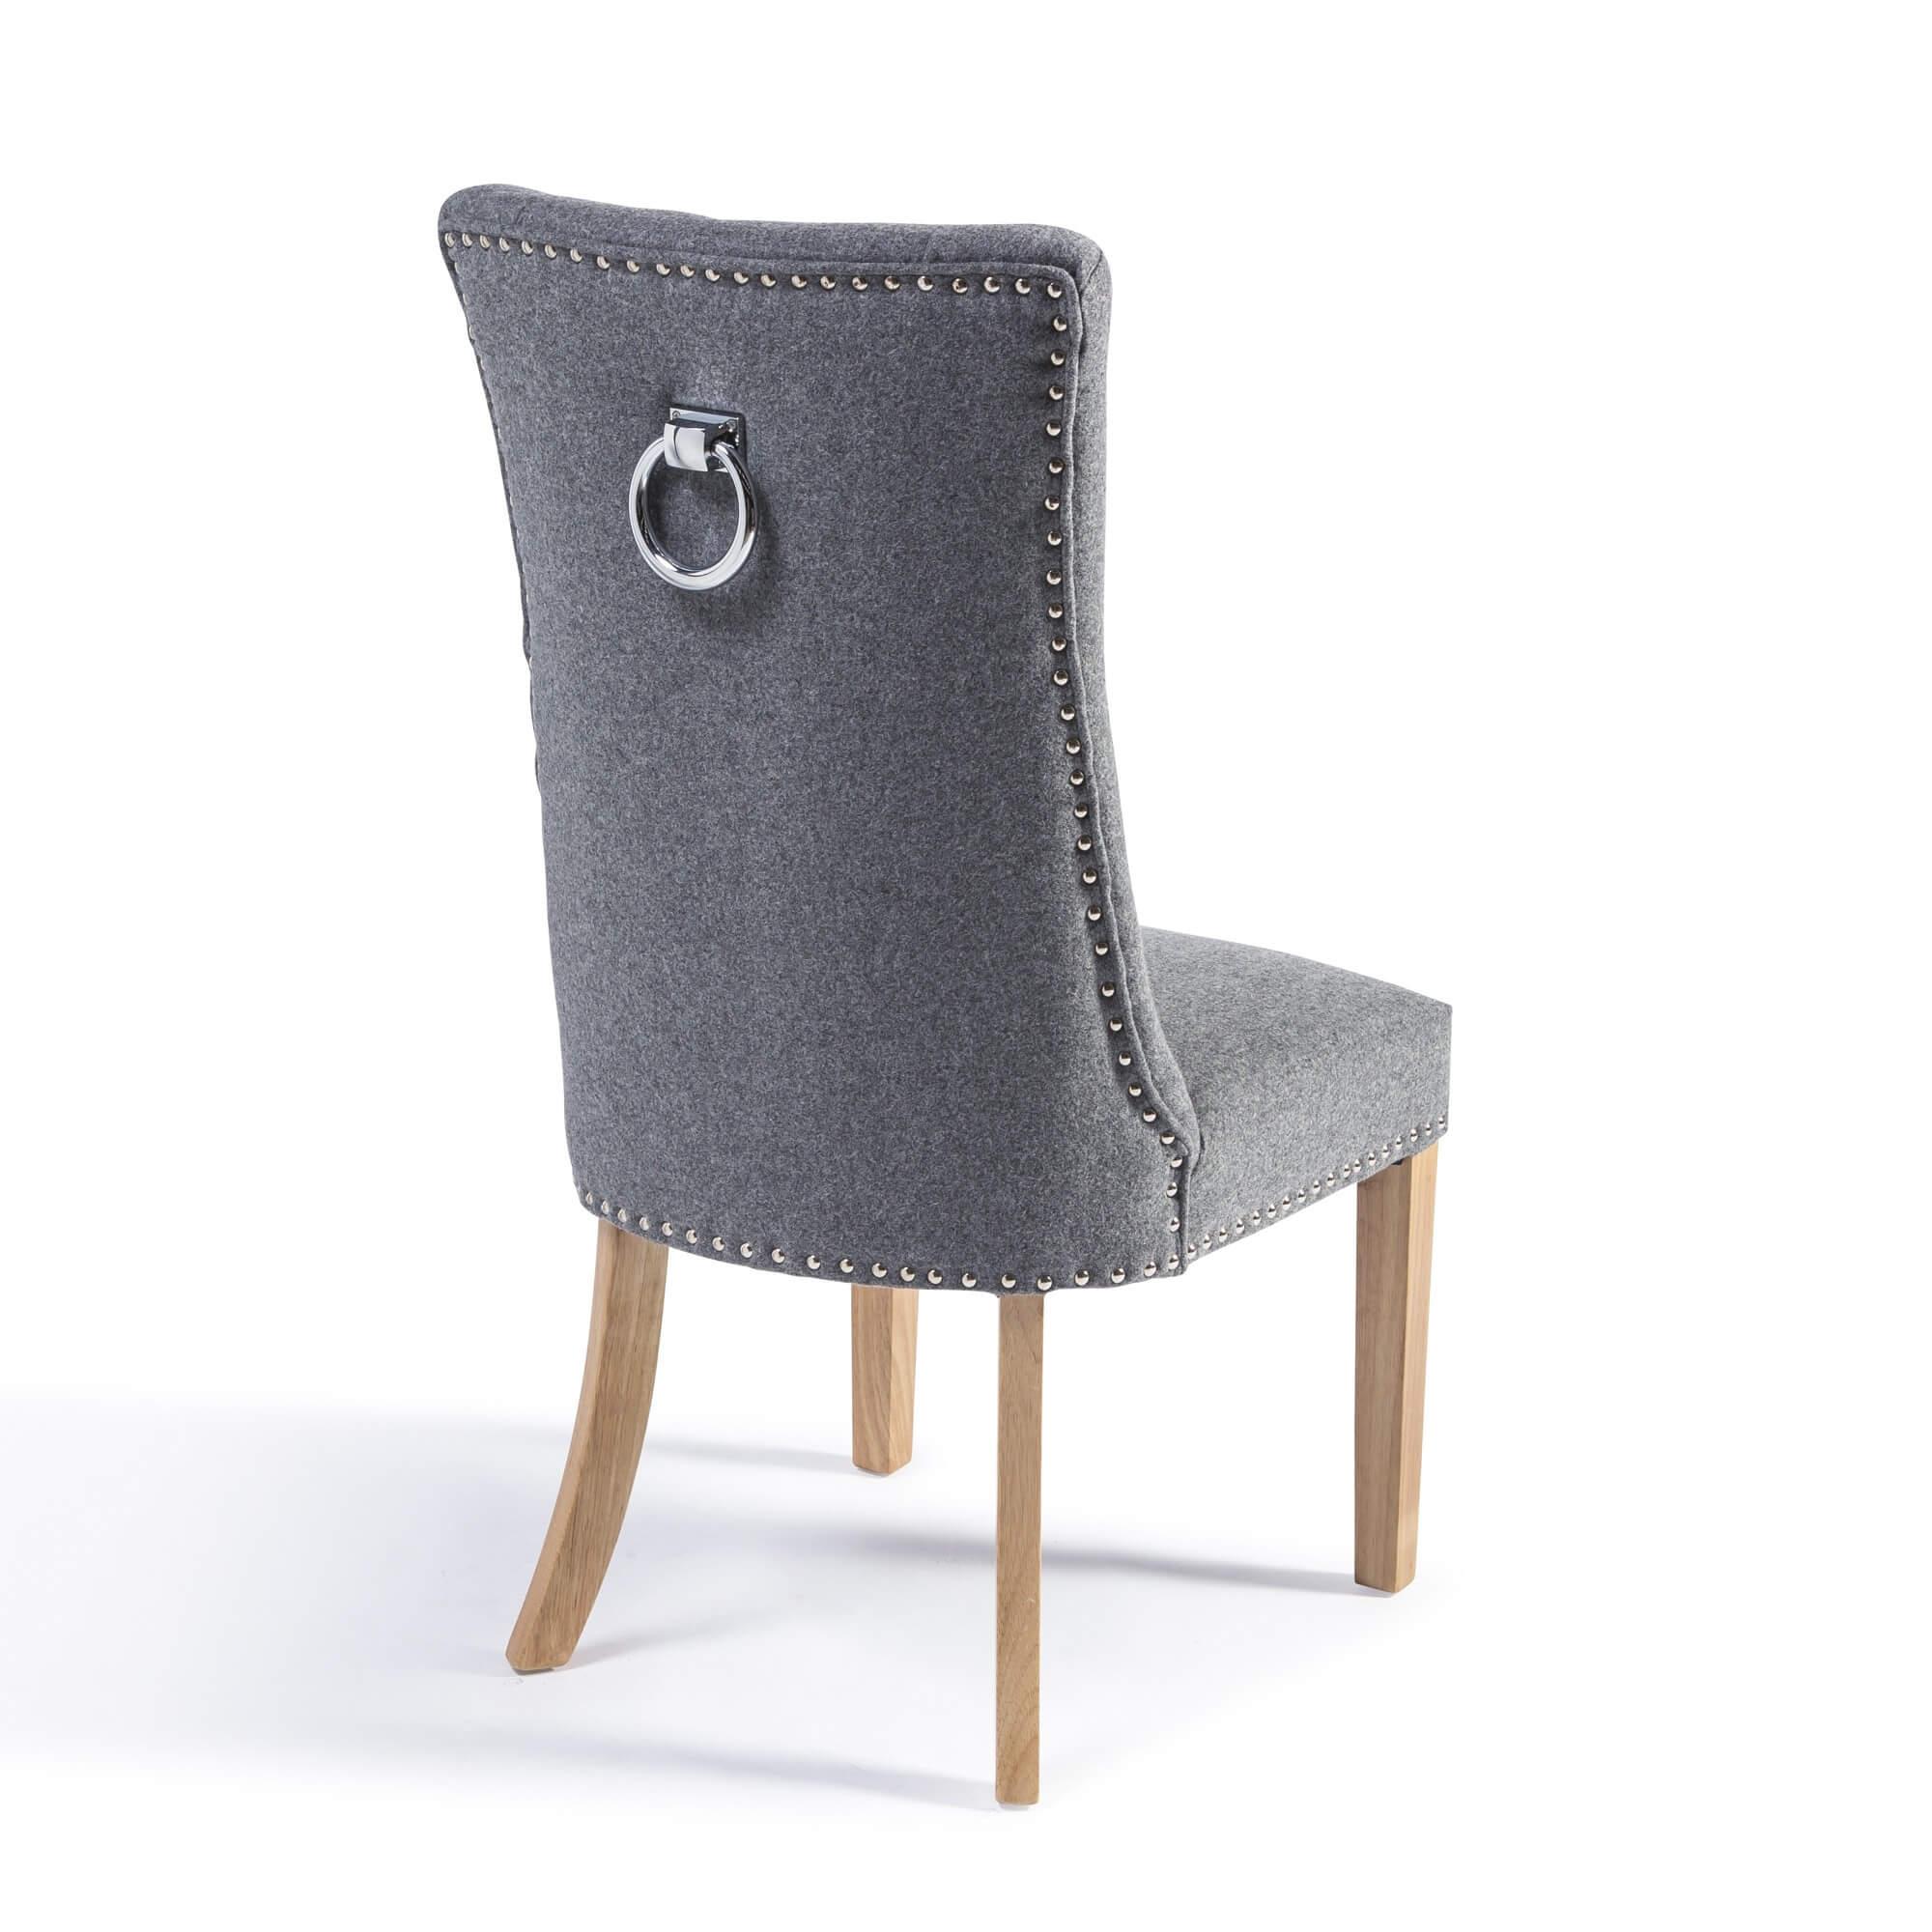 Siena Wool Dining Chair with Hoop (Set of 2)